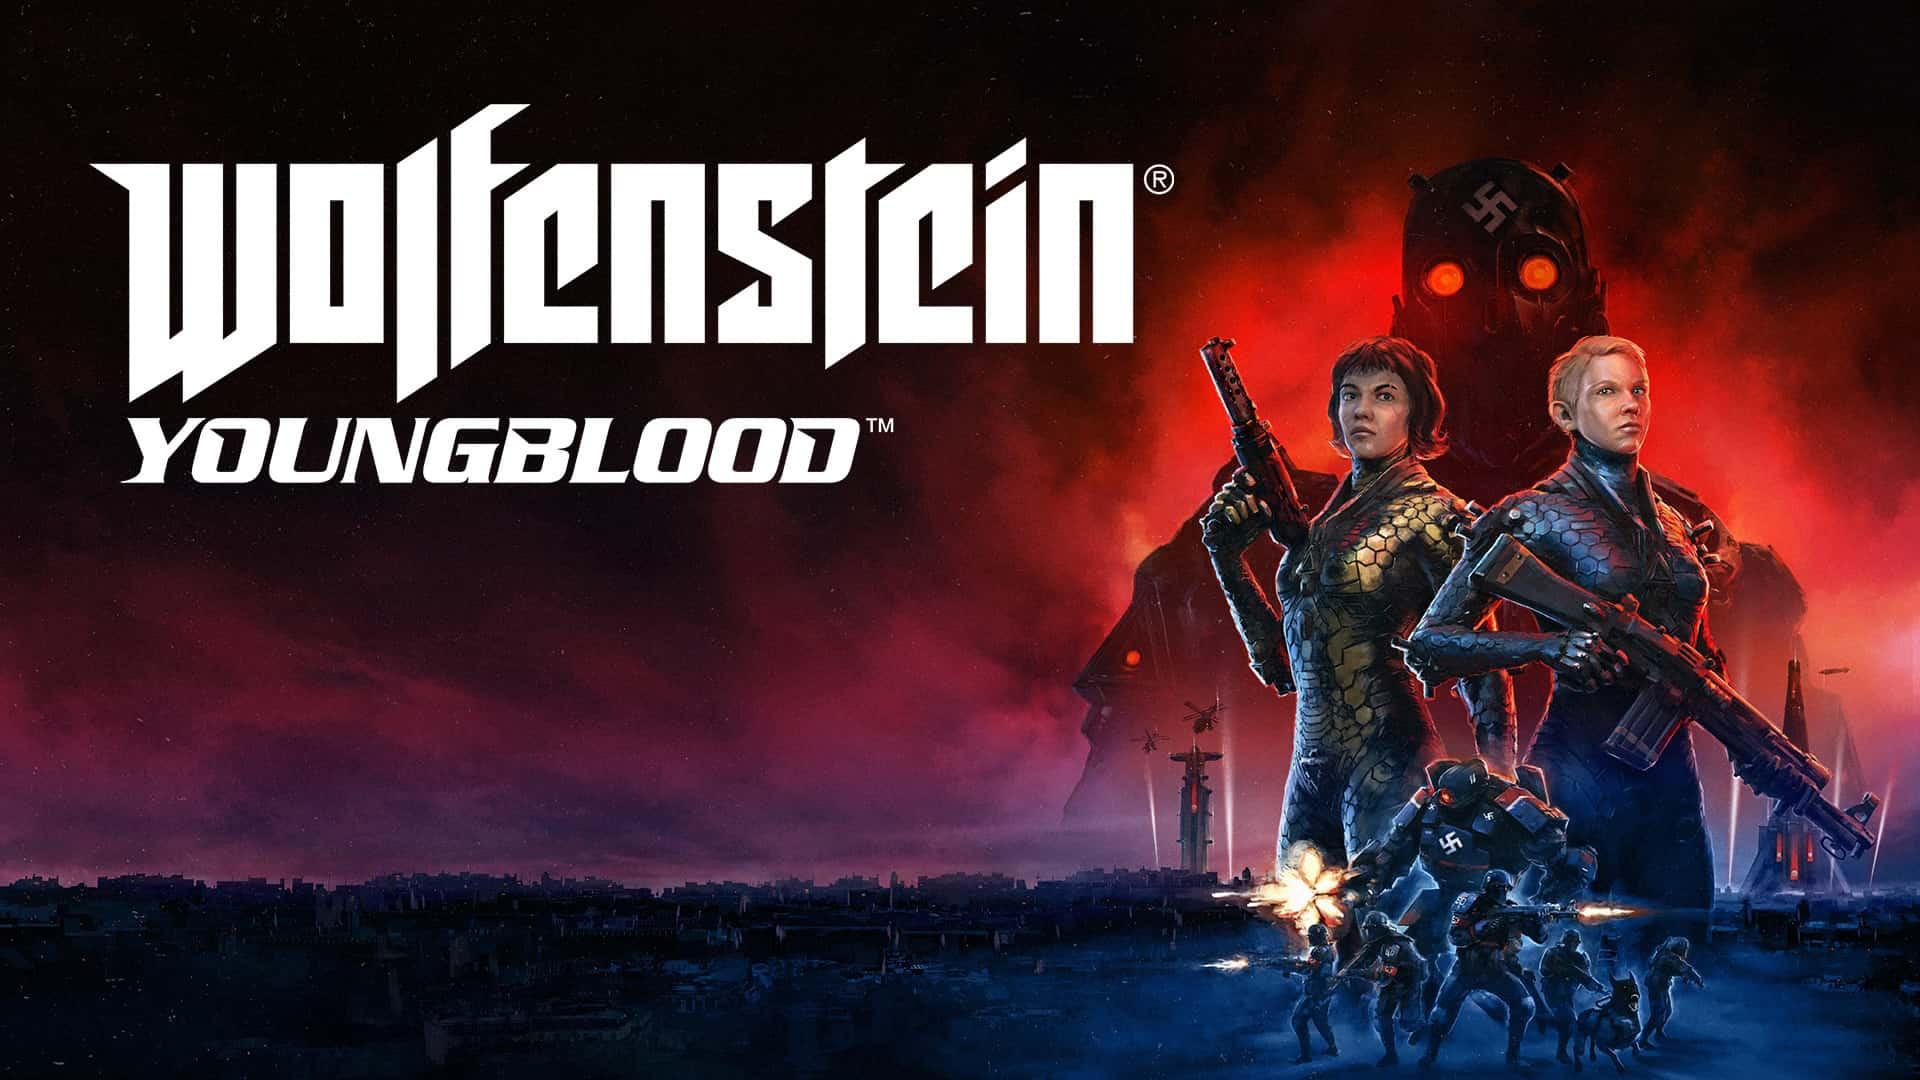 Wolfenstein Youngblood 01 - بازی Wolfenstein Youngblood Deluxe Edition مخصوص Xbox One